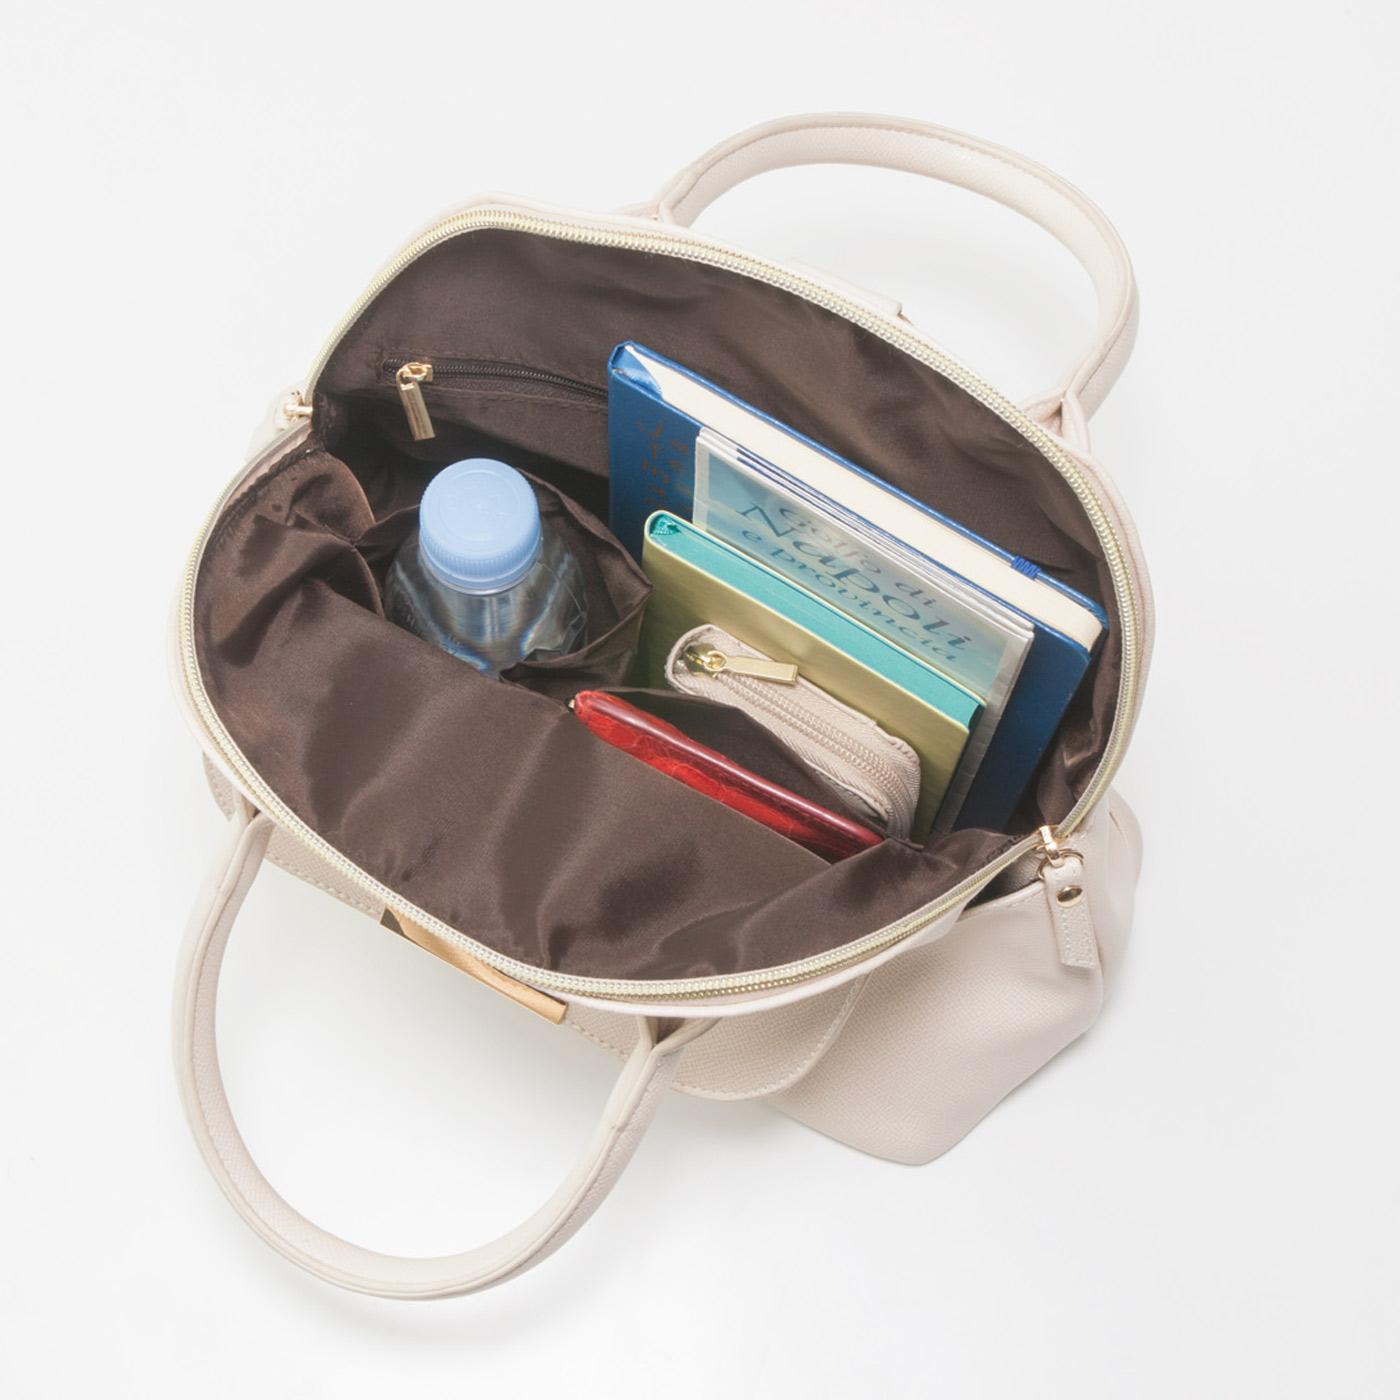 ペットボトルホルダーや大小の内ポケットですっきり収納。